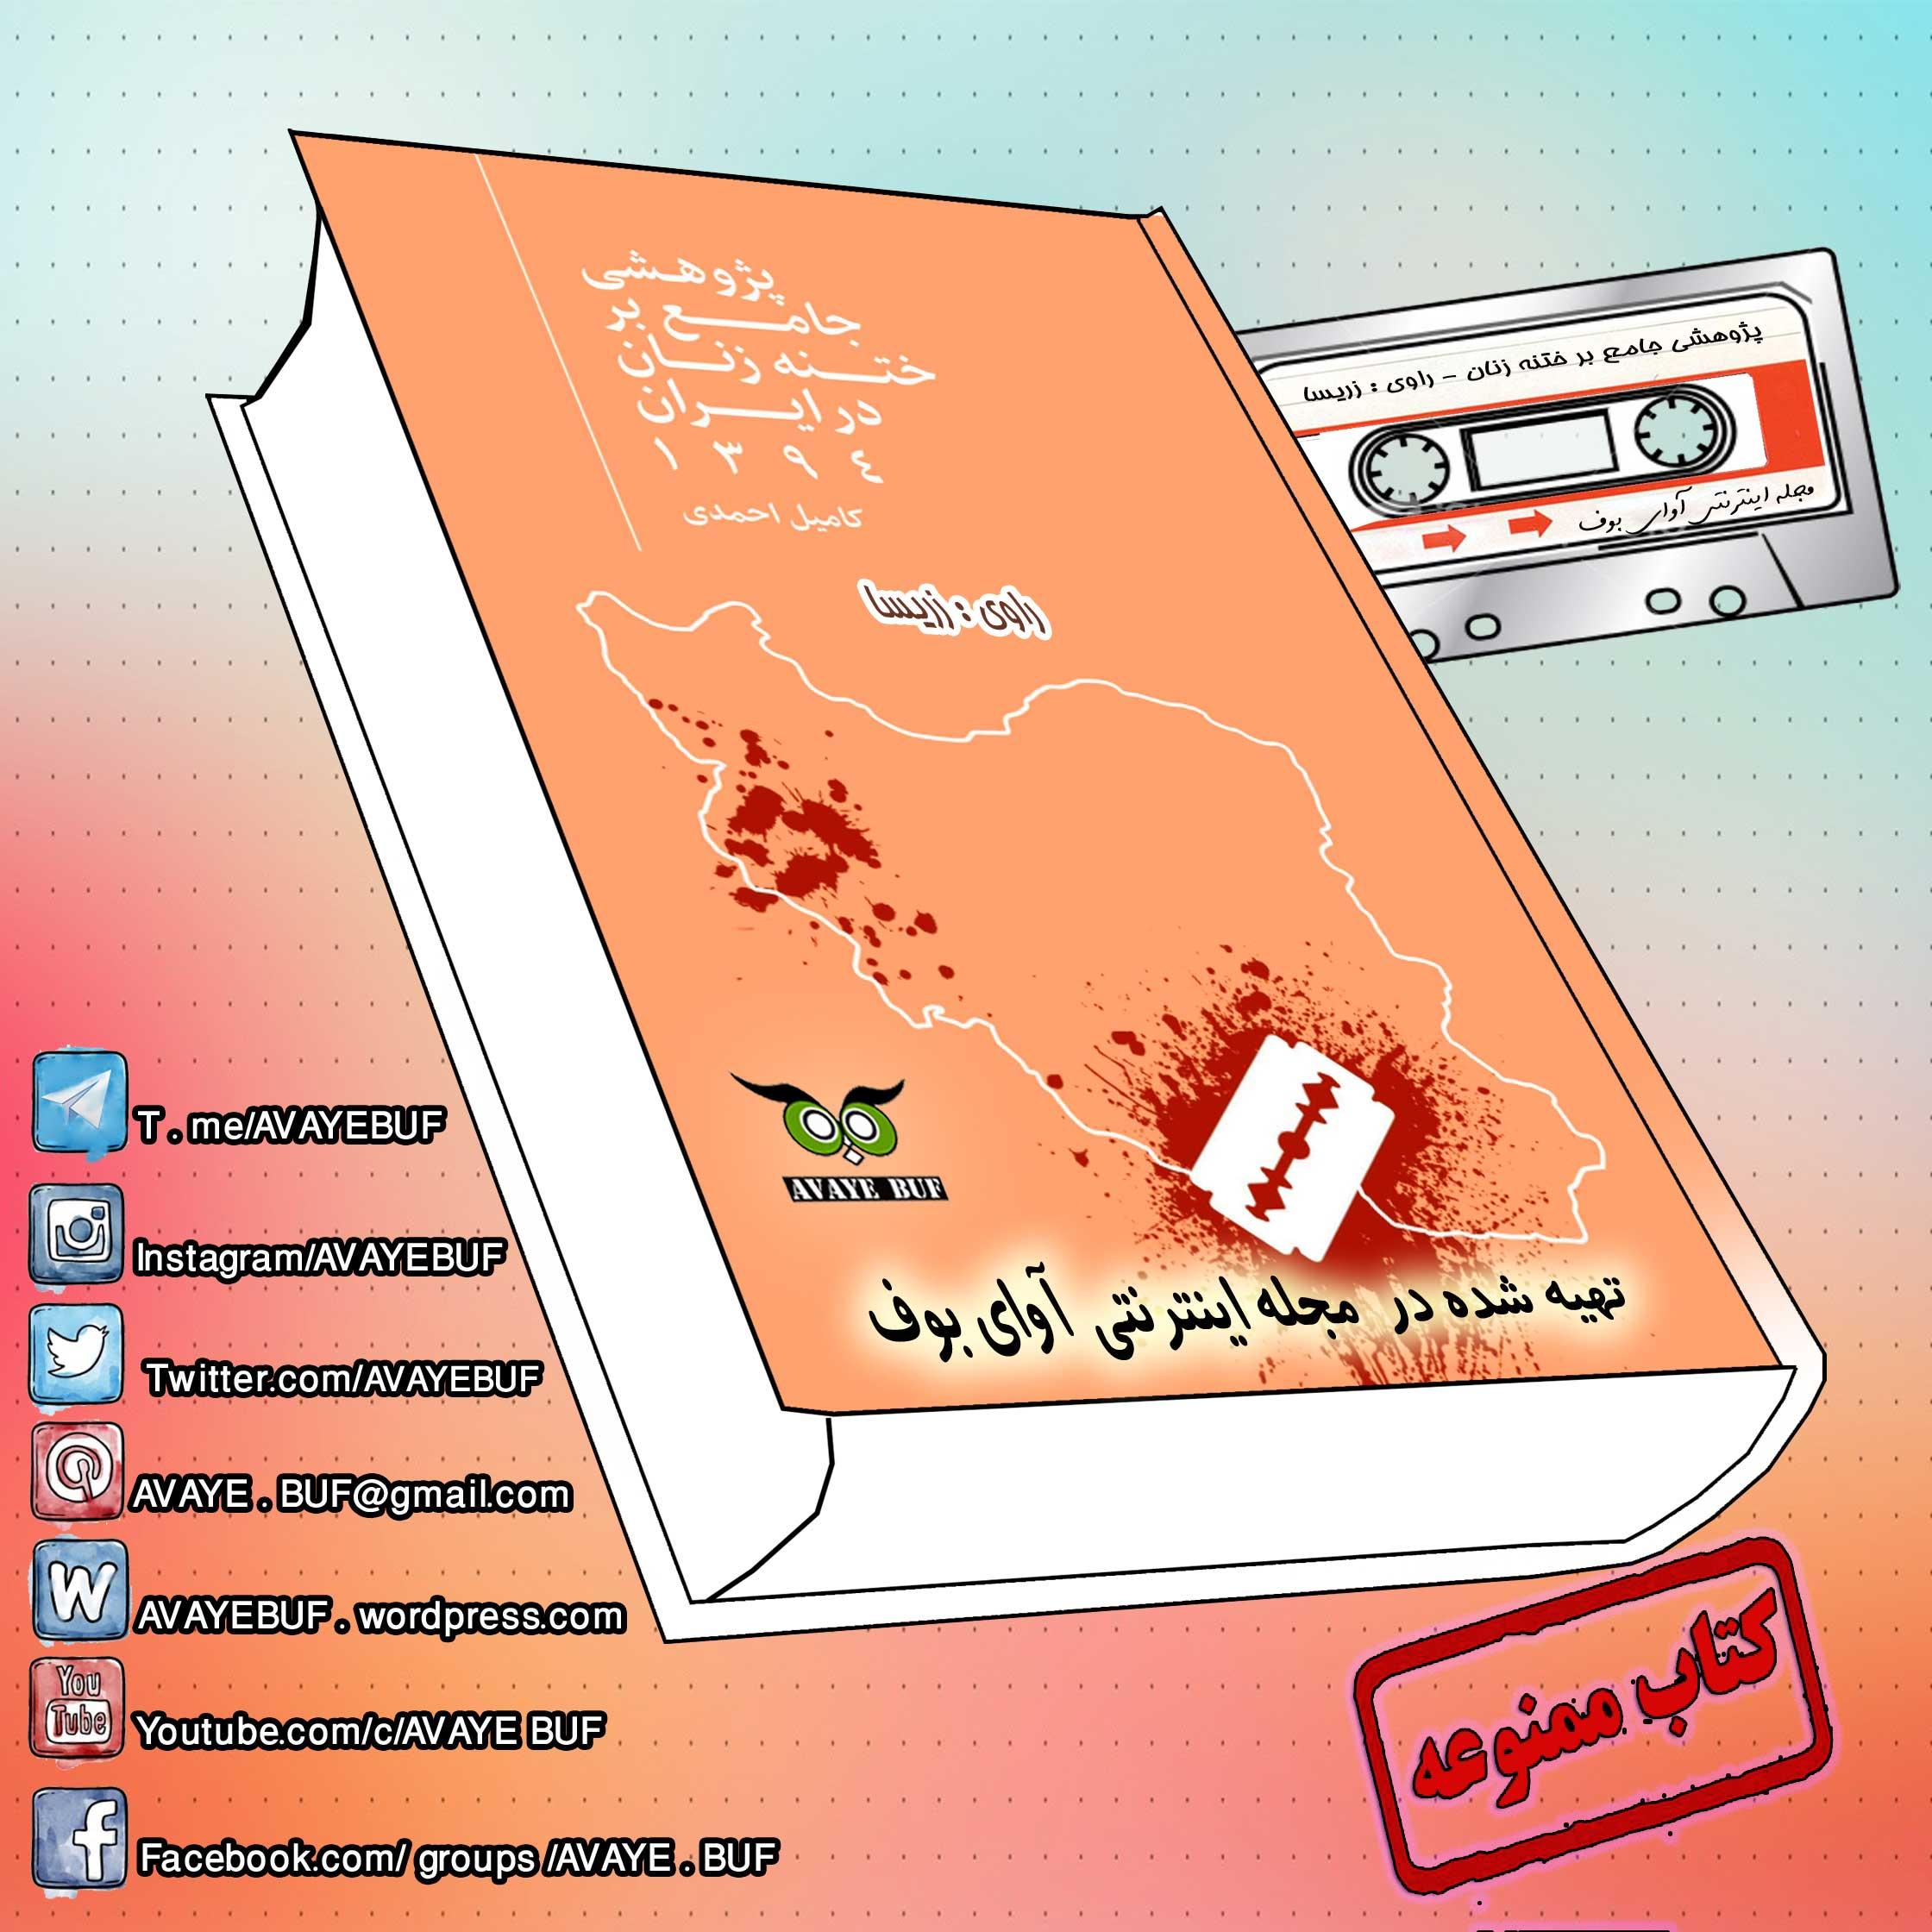 khatneyezanan-avayebuf-word